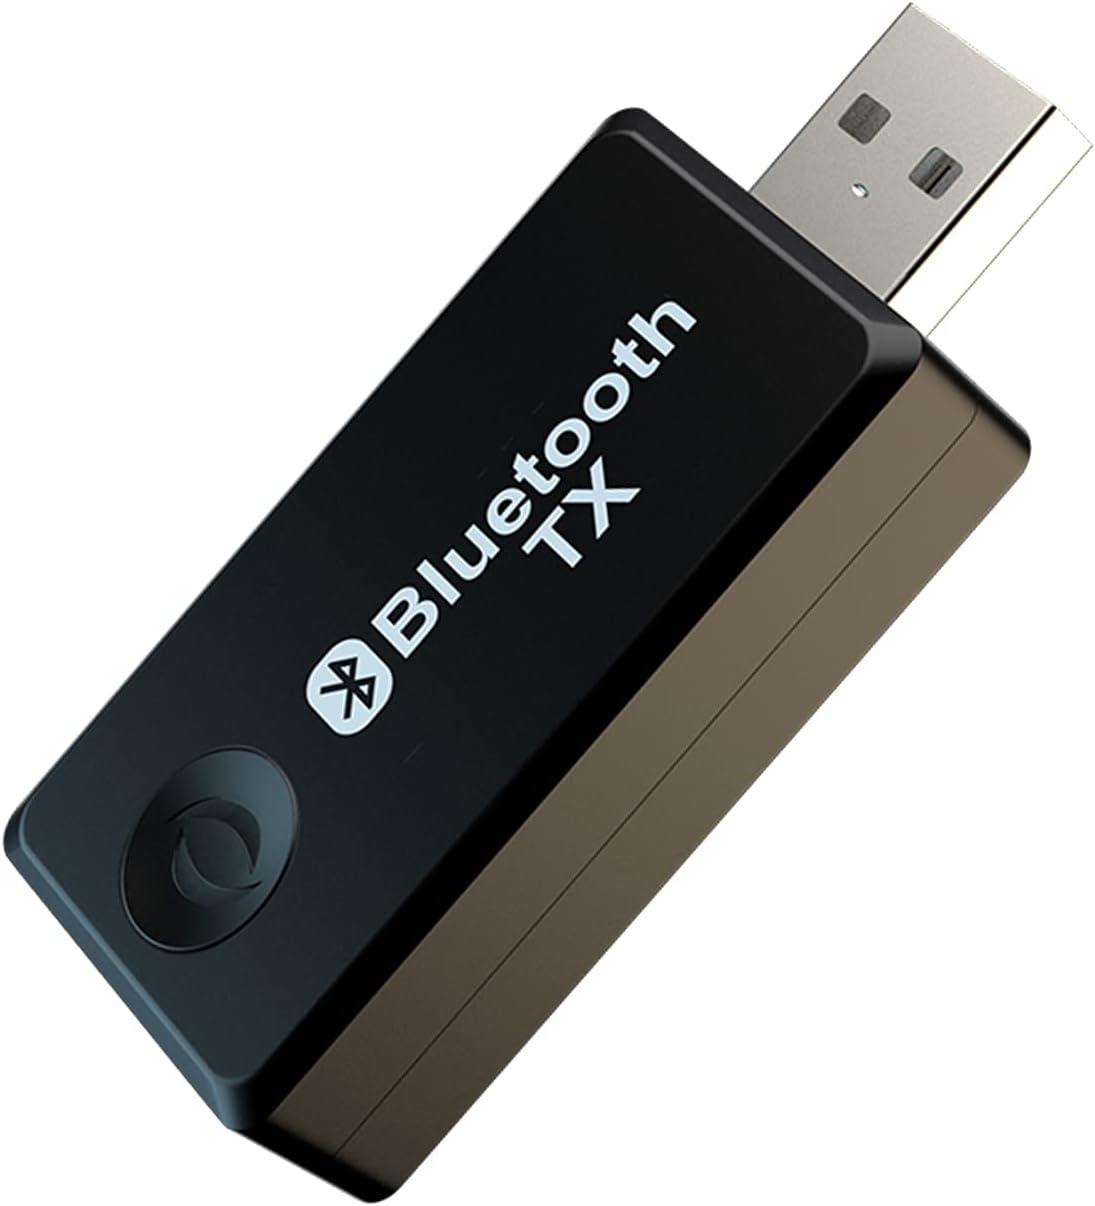 Transmisor Bluetooth USB , Transmisor de Audio Bluetooth Inalámbrico POMME Adaptador Bluetooth para Computadora Estéreo, Adecuado para TV / Computadora de Escritorio / Computadora Portátil